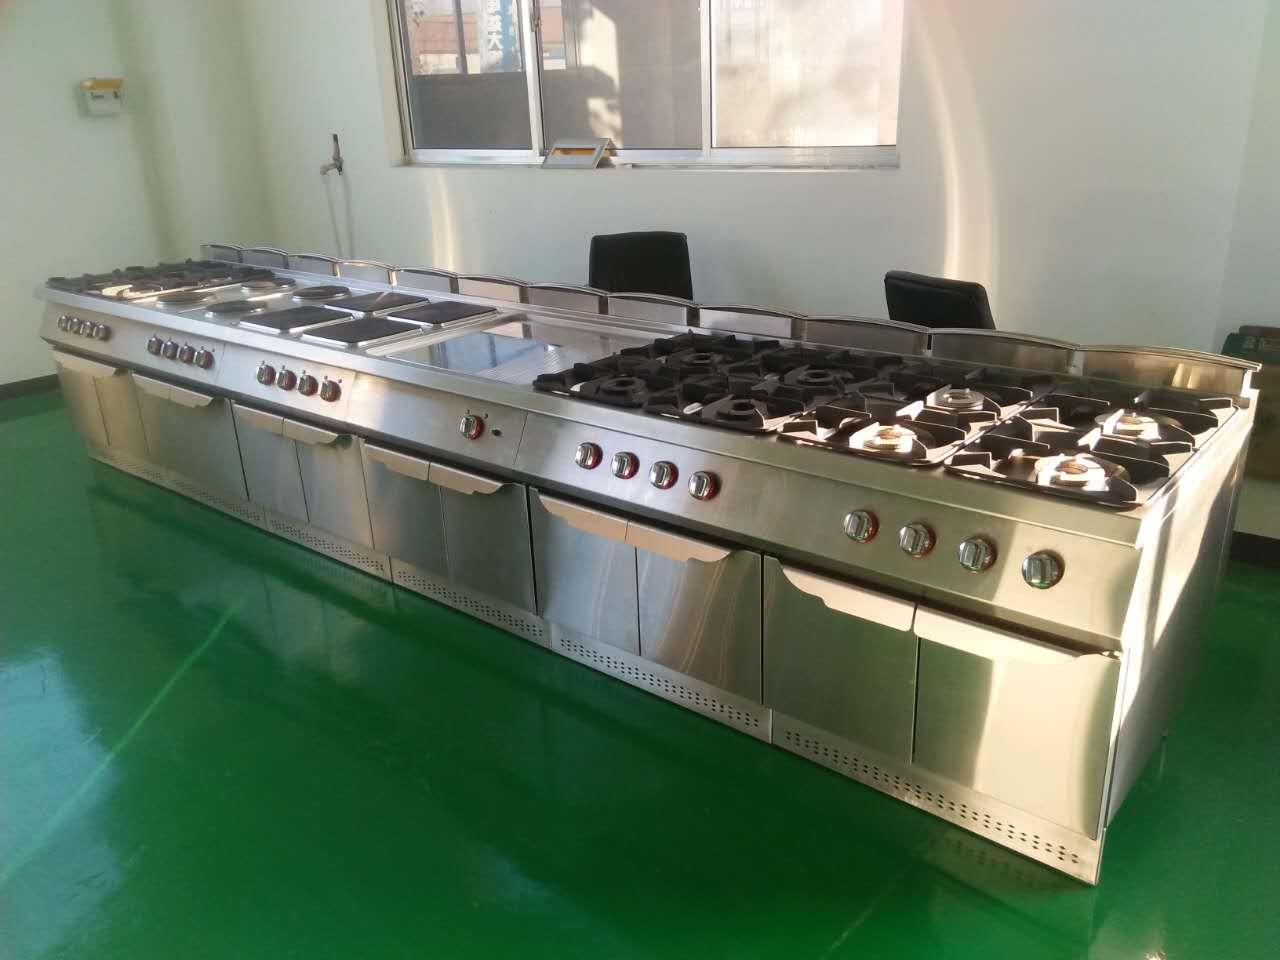 西餐商用厨具、 广东西餐商用厨具、浙江西餐商用厨具、福建西餐商用厨具、山东西餐商用厨具